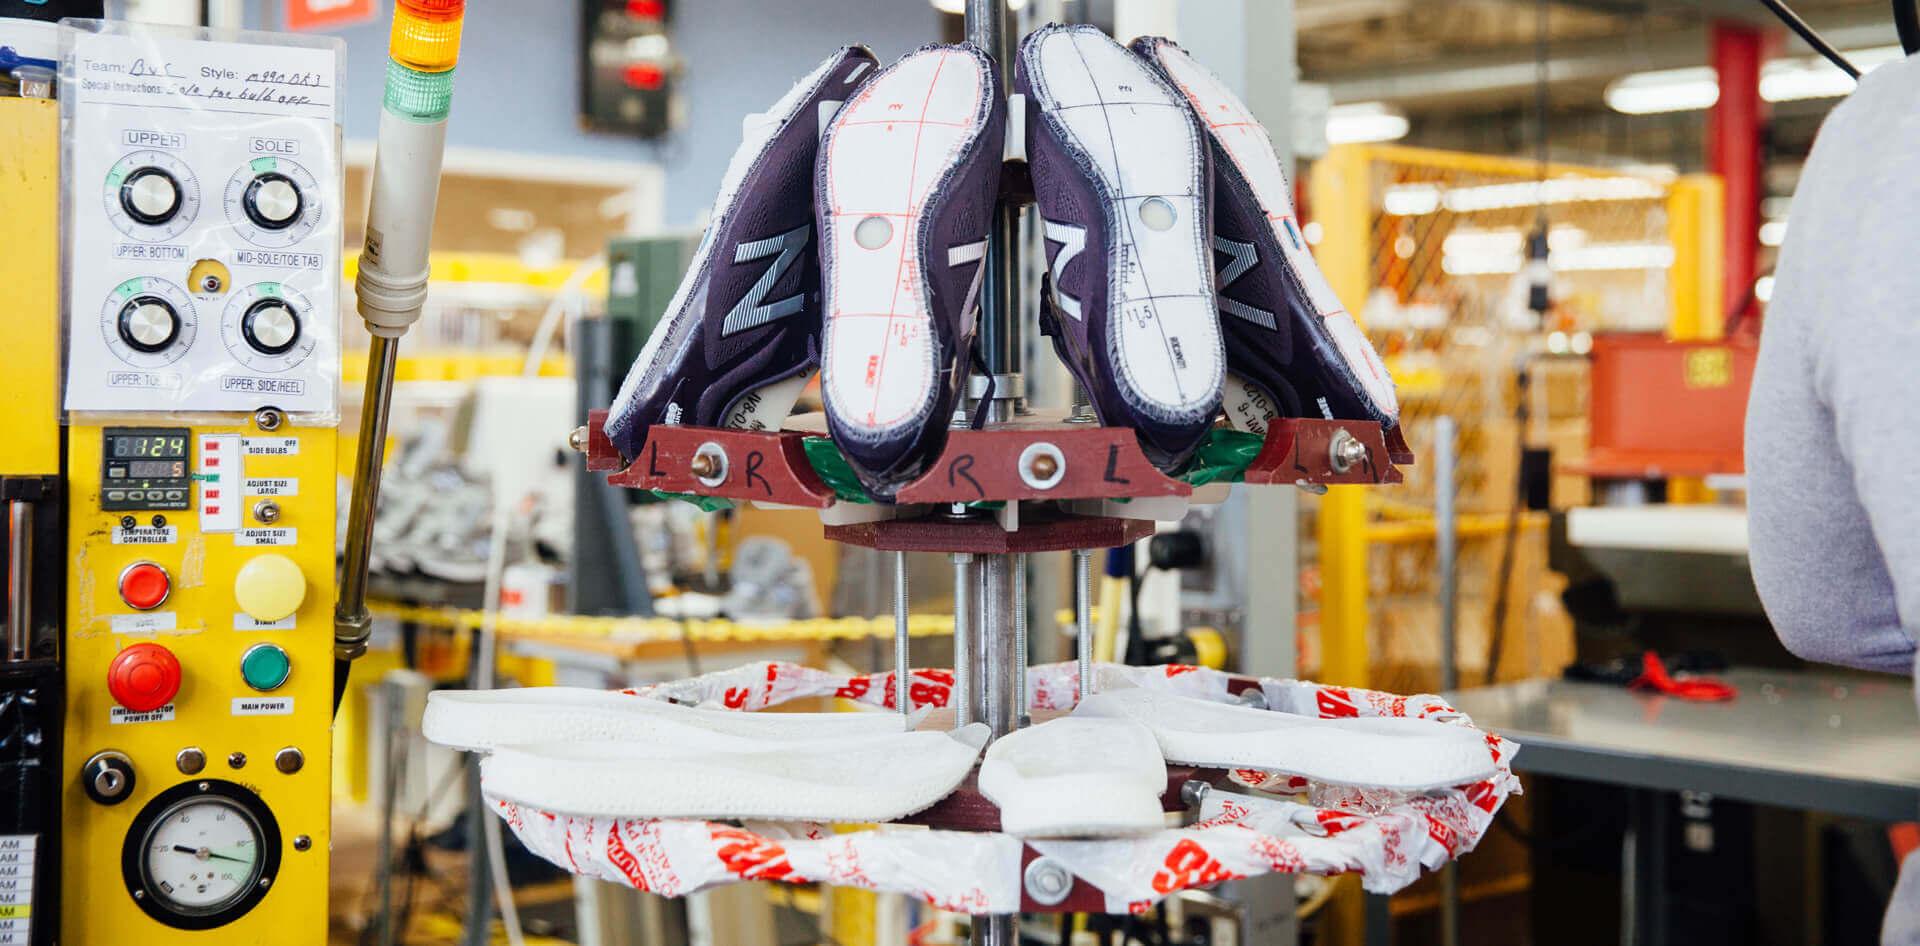 Die ersten Modelle des Zante Generate bei der Fertigung in den Hallen von New Balance Zante Generate von New Balance (Bild © New Balance).